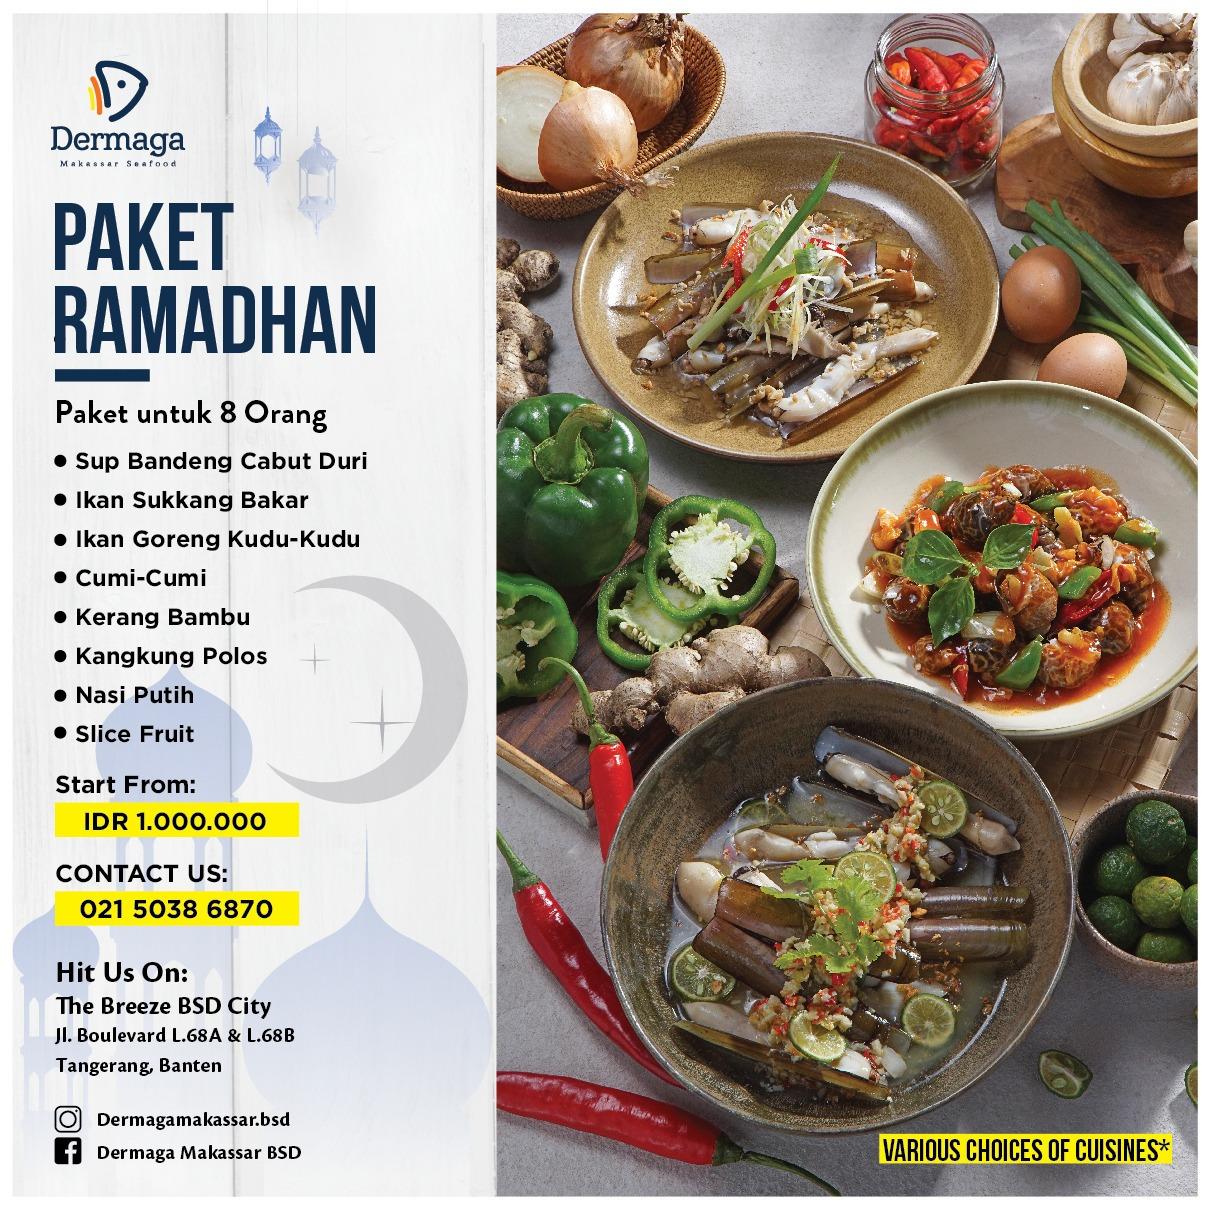 Paket Ramadhan 2019